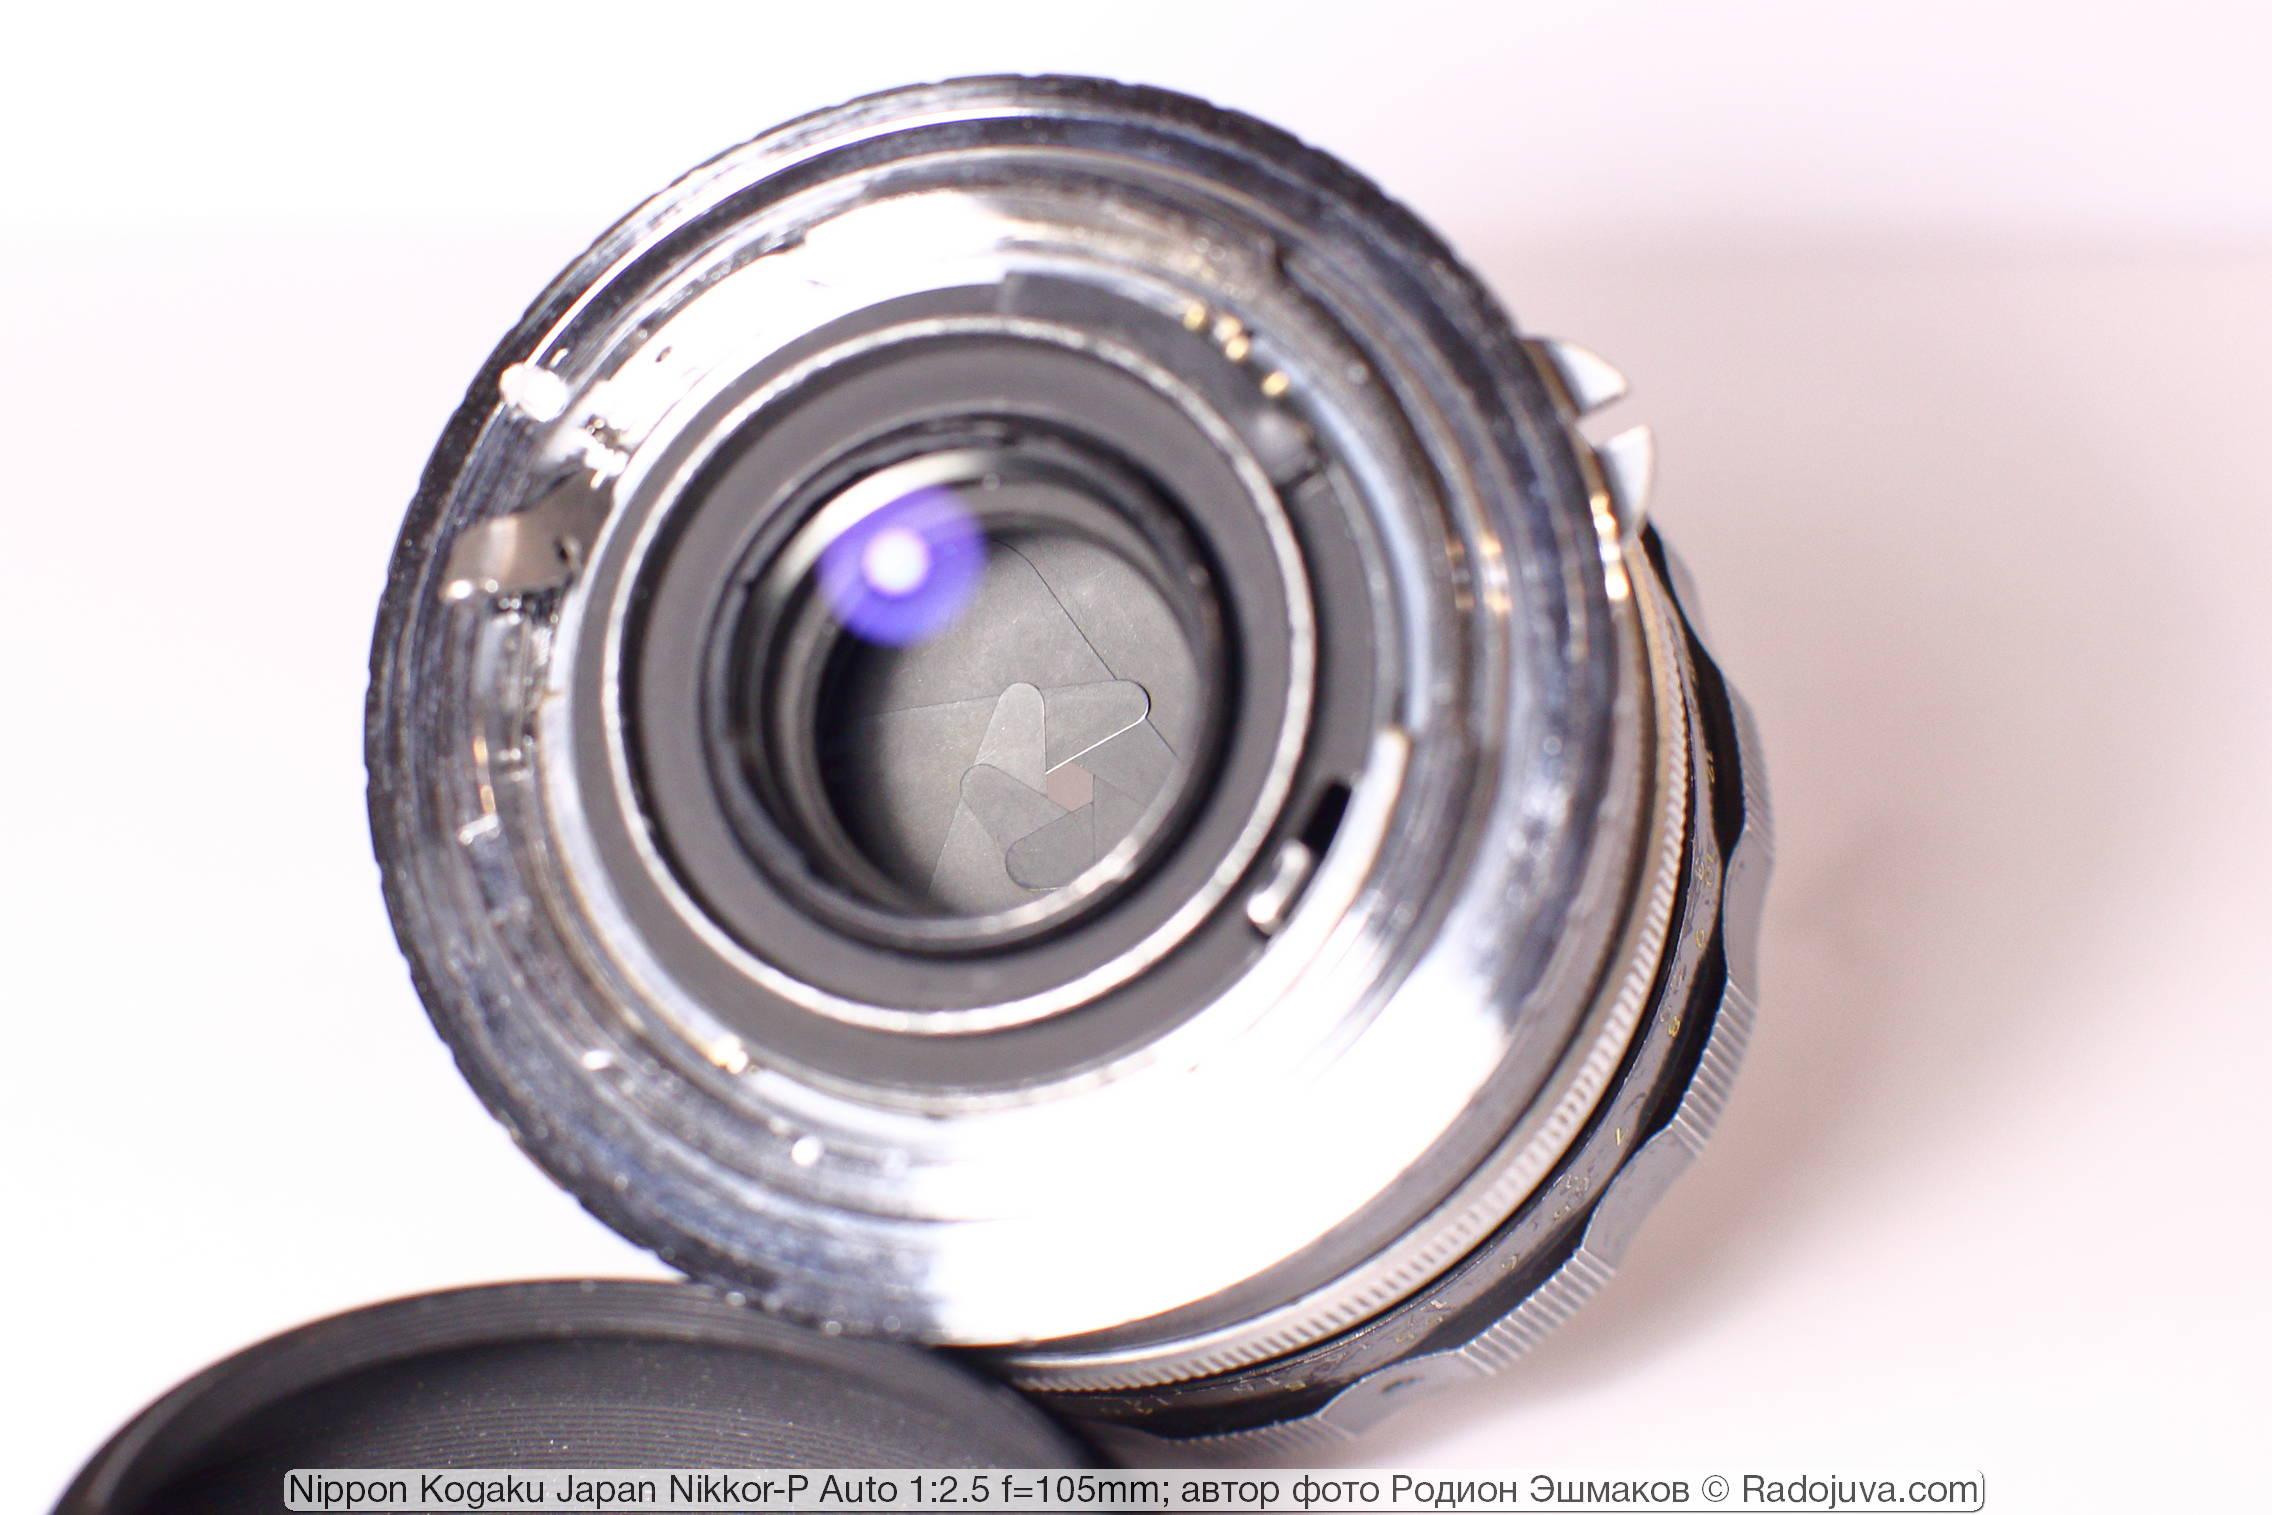 Вид диафрагмы объектива со стороны байонета с установленным переходник Nikon F-EOS. Нетрудно отметить небольшой размер задней линзы объектива.